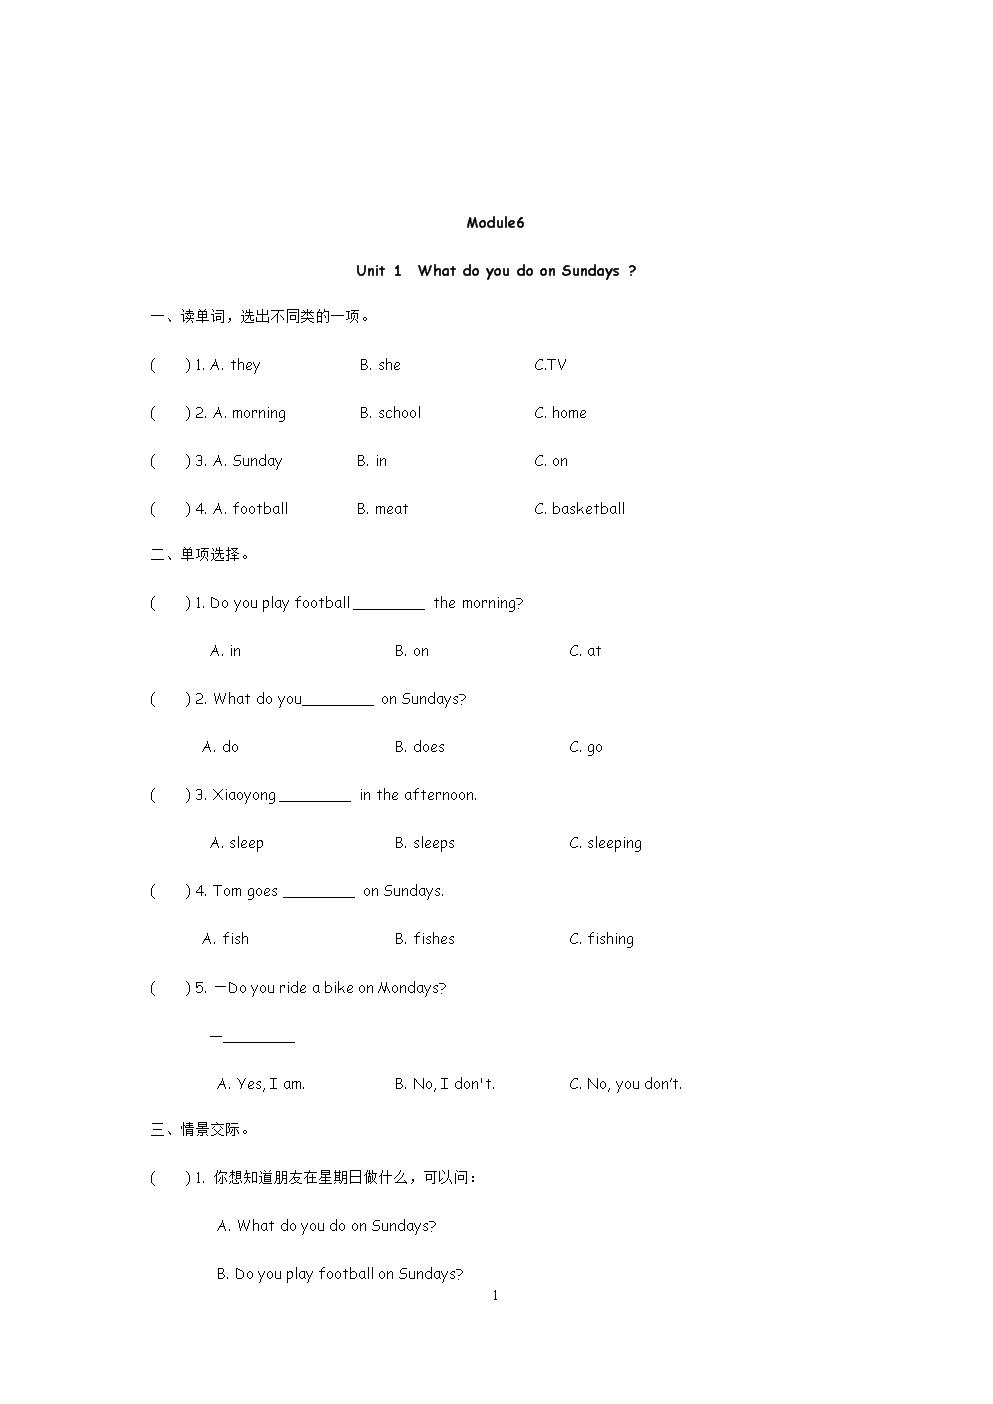 外研英语三年级下册 Module 6 Unit 1教案.docx